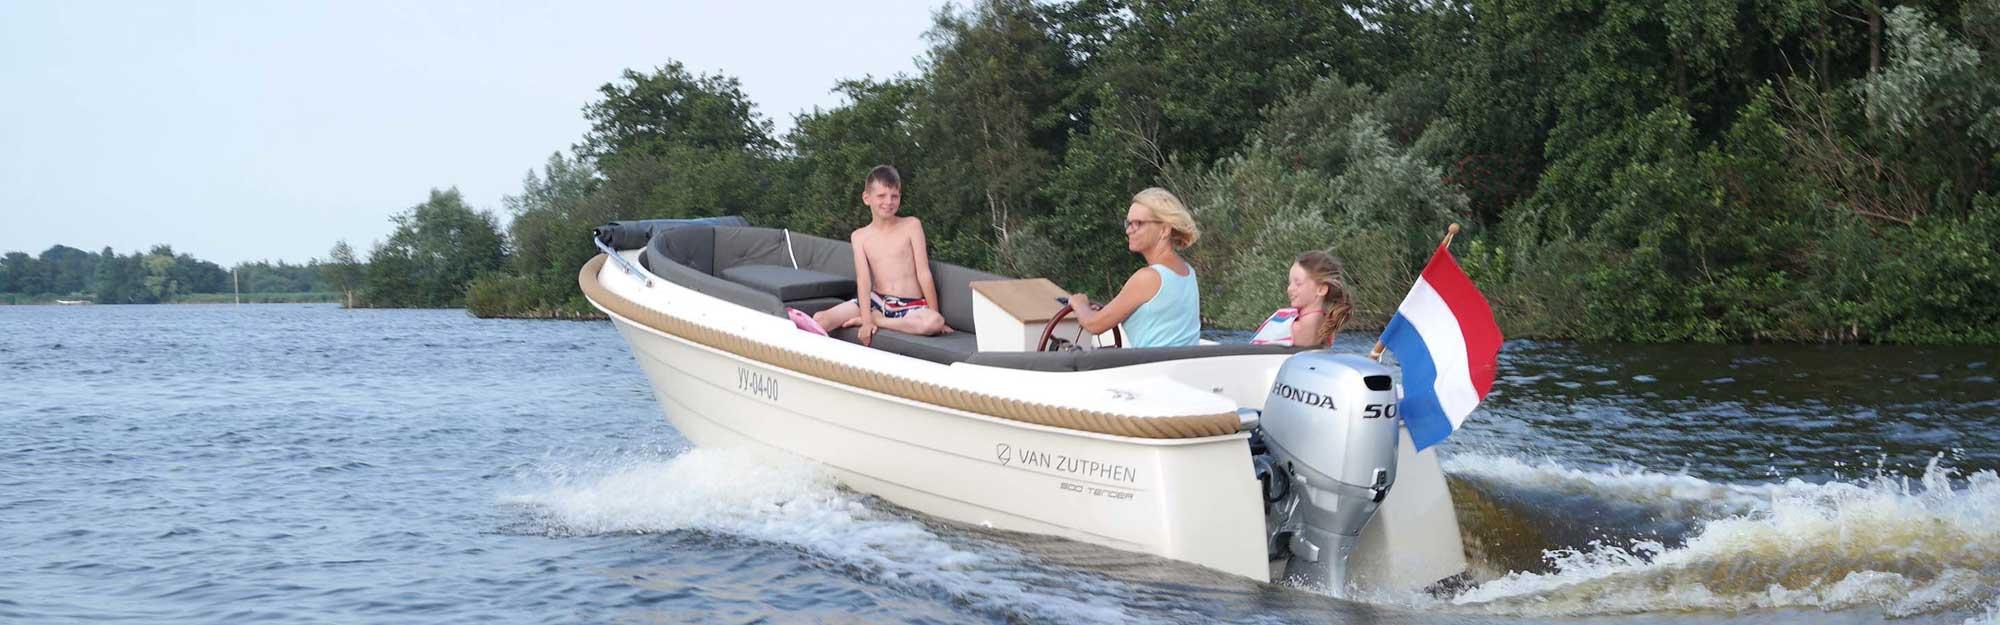 Van Zutphen Bootbouwers